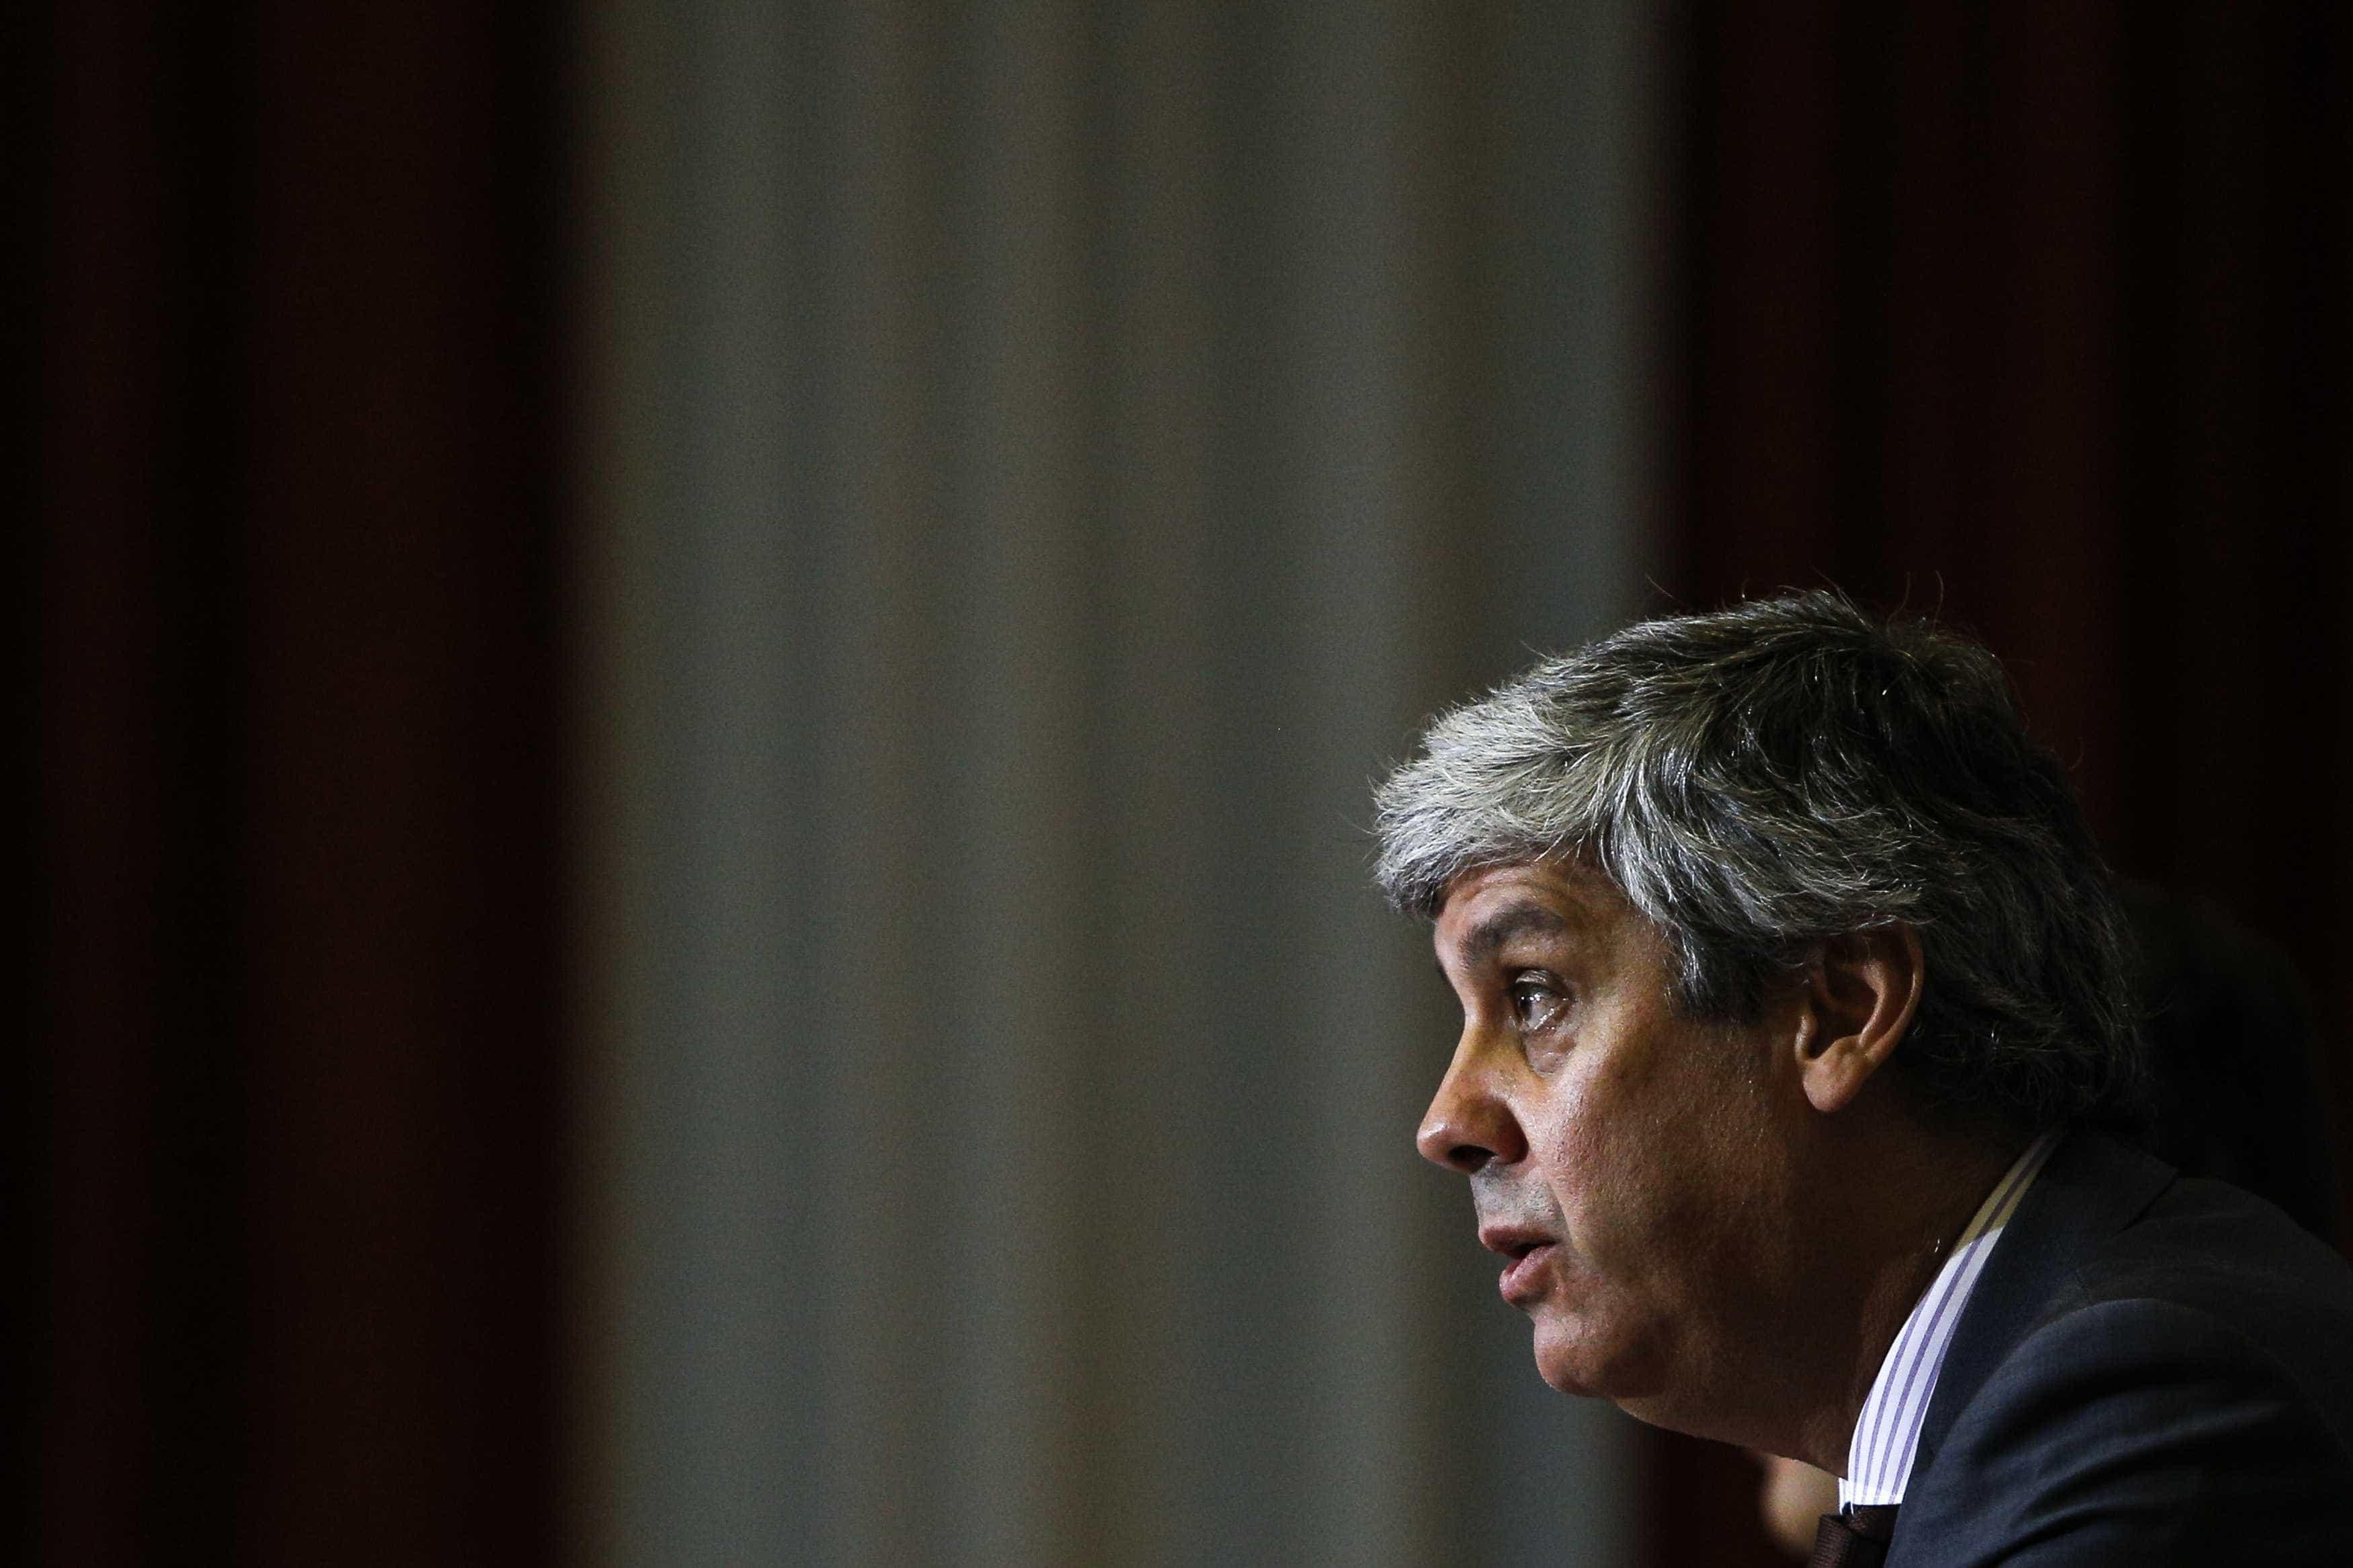 Finanças respondem ao aviso da UTAO e mantêm previsões do défice